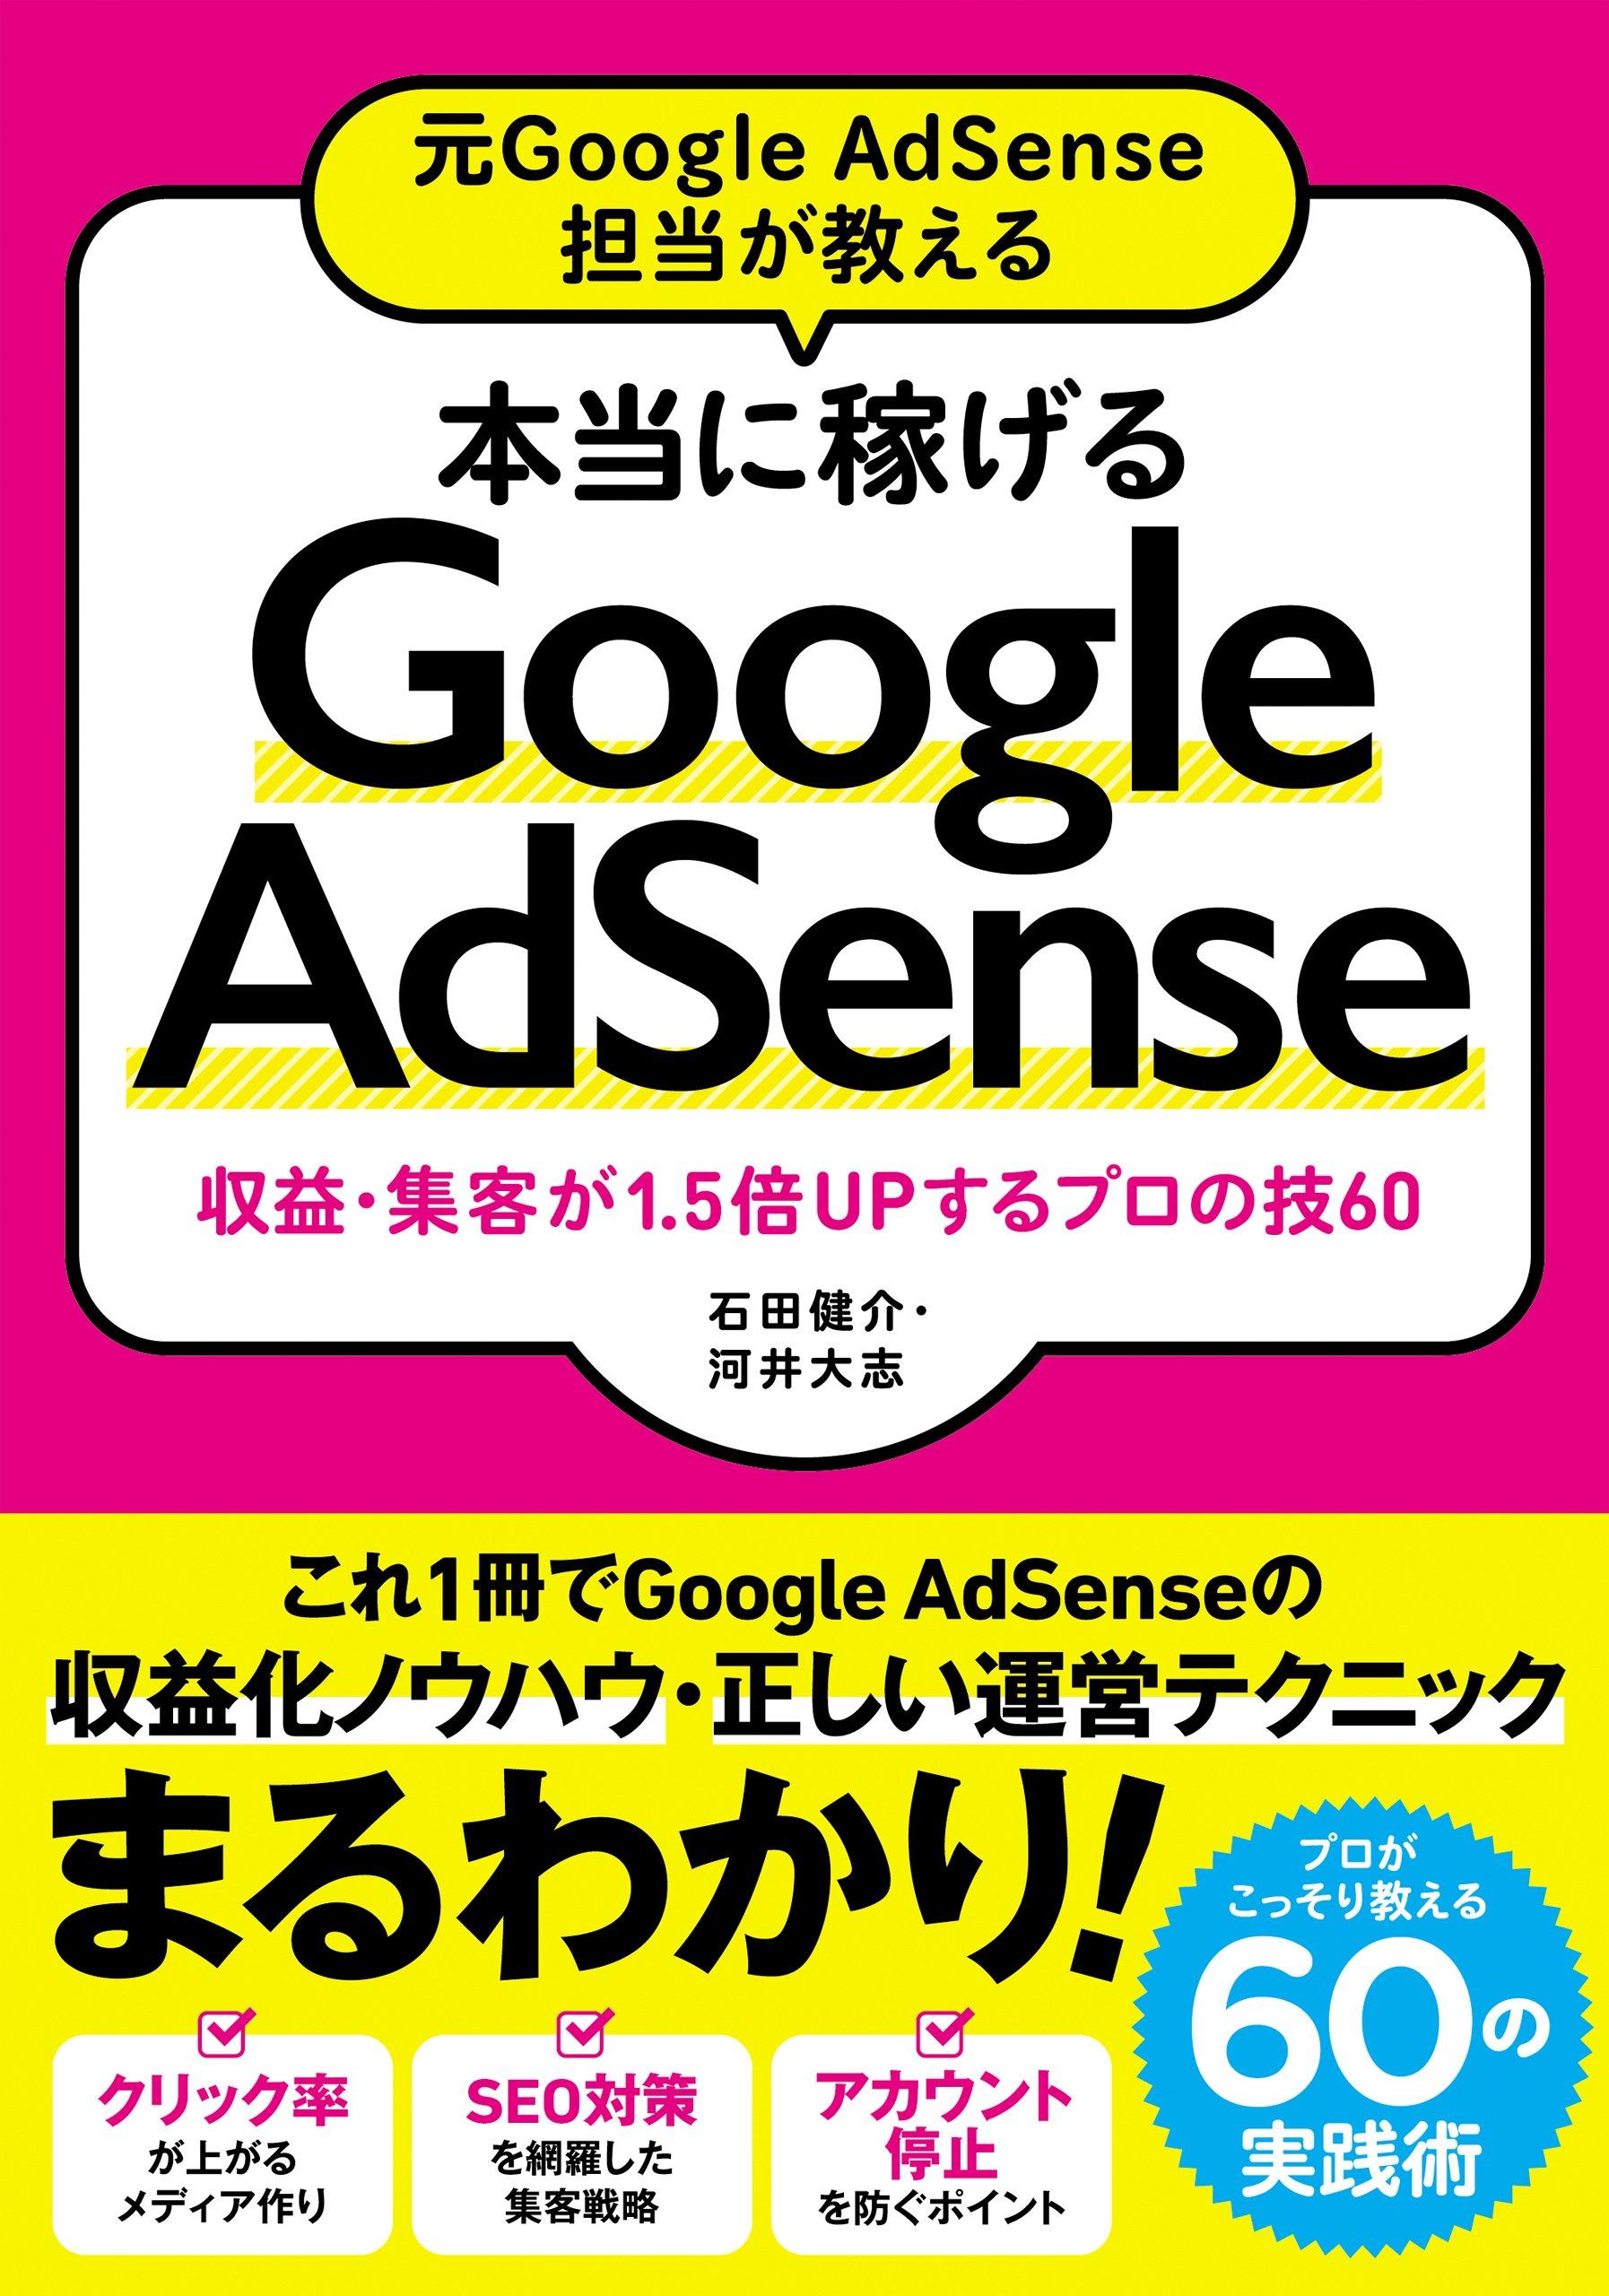 凄い素人が書いたAdSense本ではなく、実績豊富なプロが書いたAdSense本の決定版「本当に稼げるGoogle AdSense 収益・集客が1.5倍UPするプロの技60」